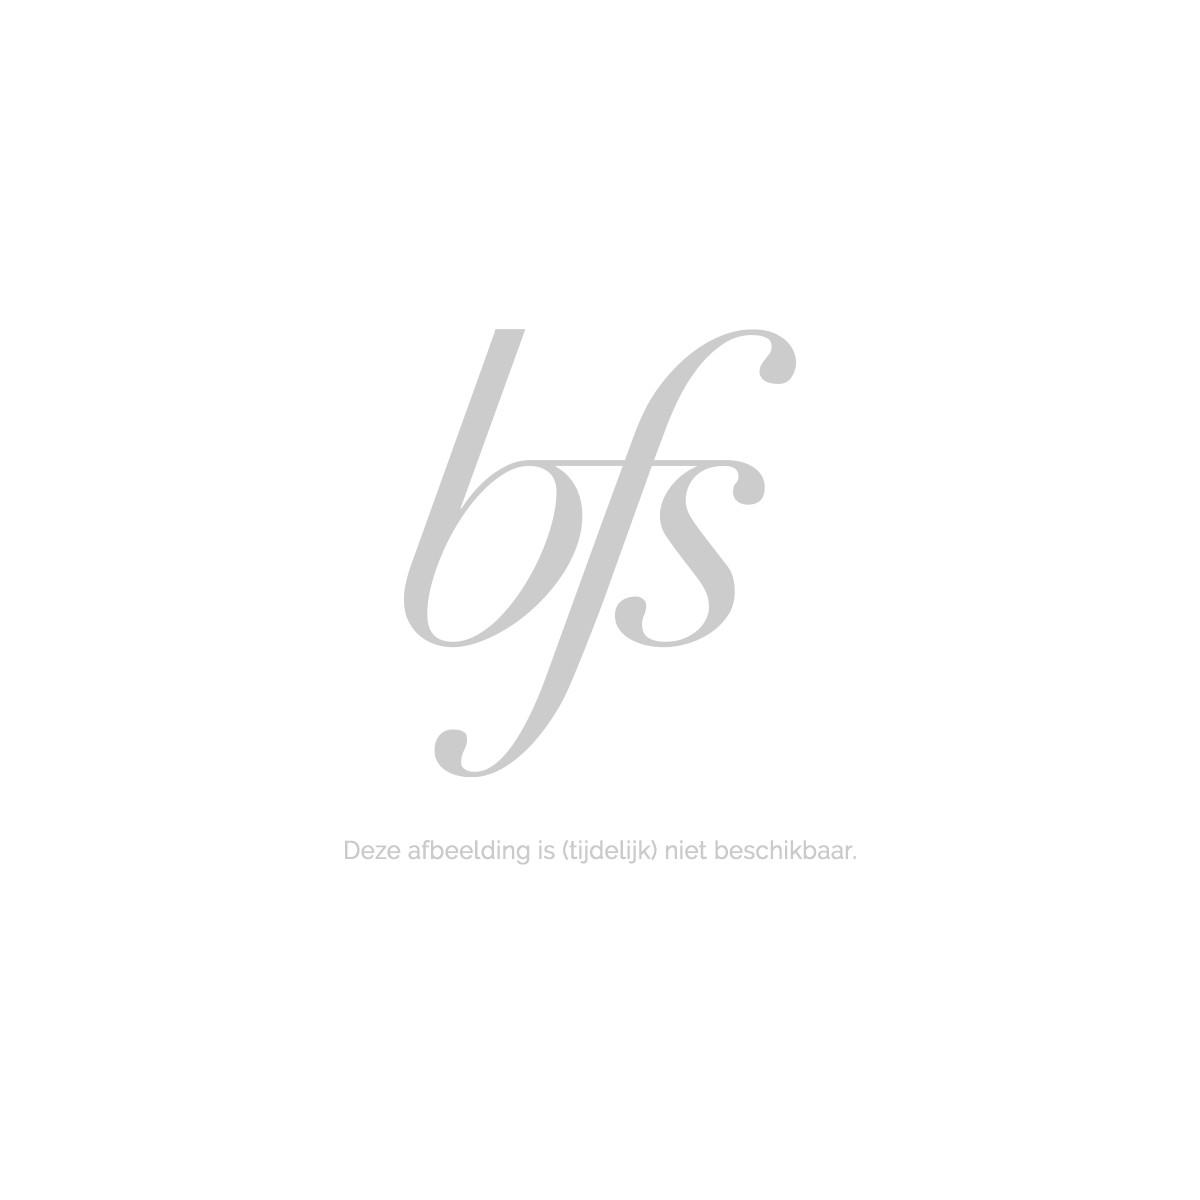 Diesel Loverdose pour Femme Eau de Parfum 75 ml